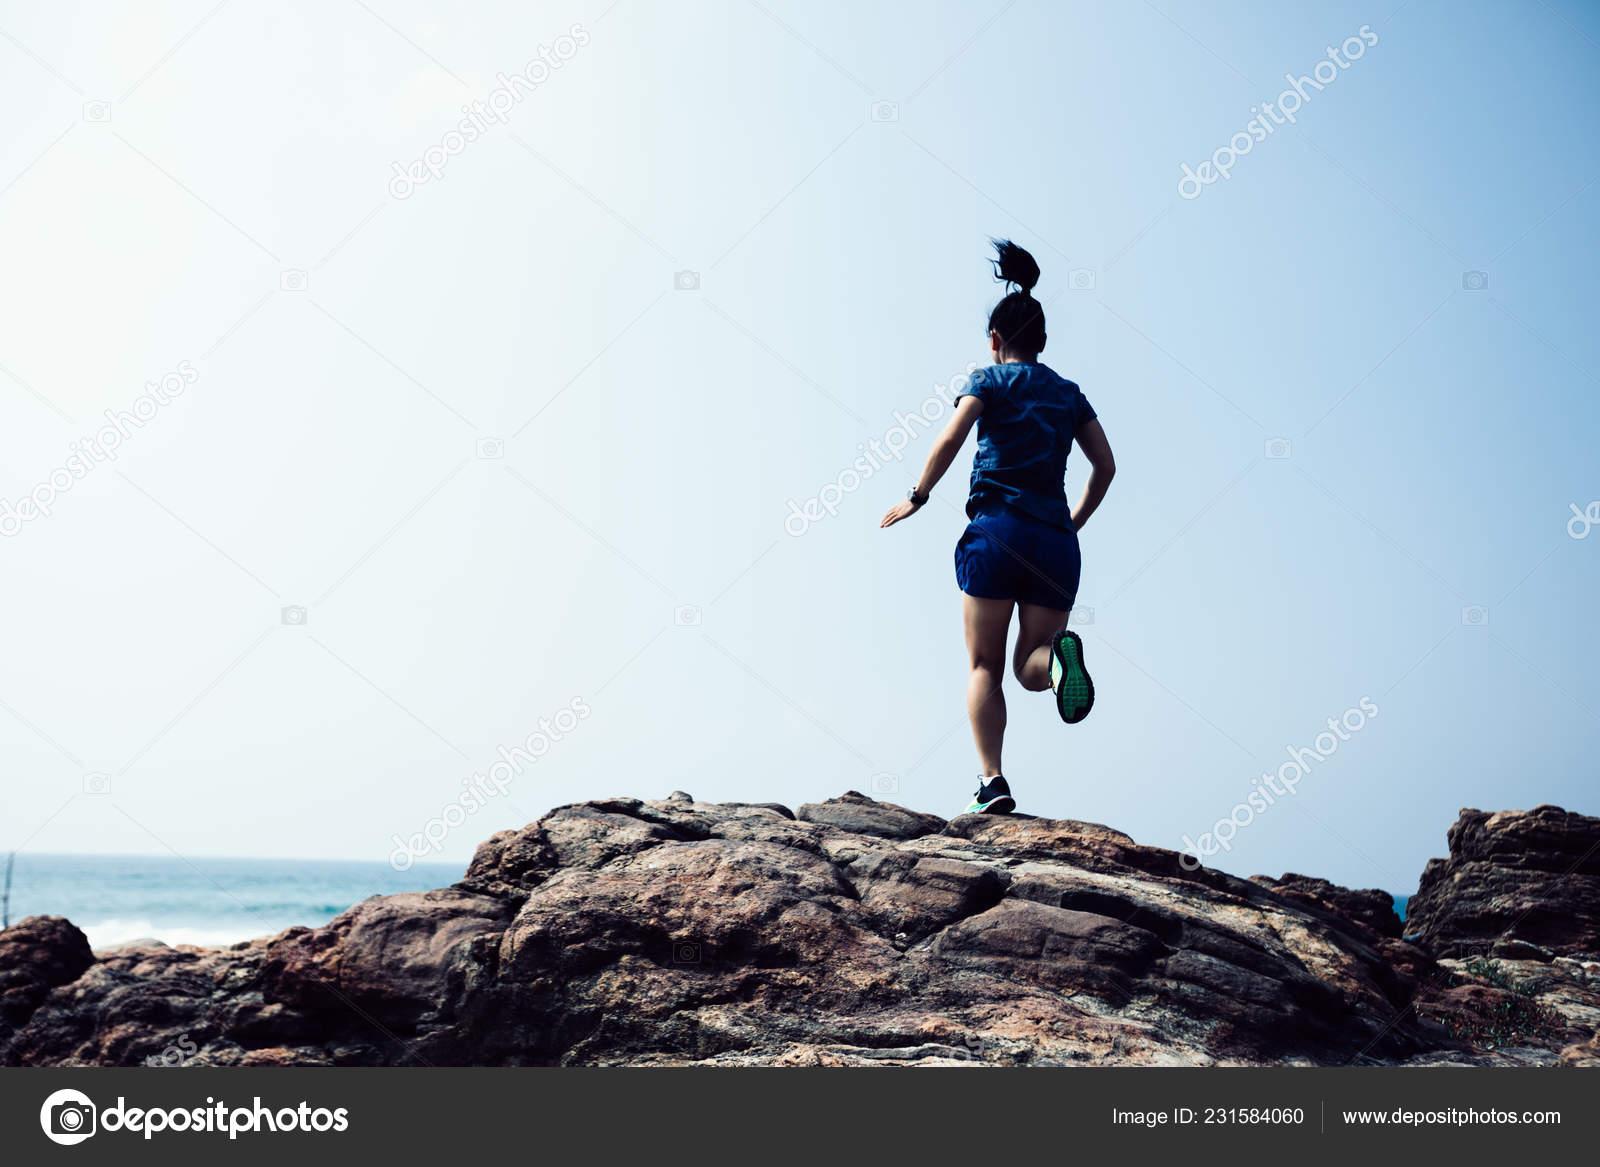 3082916f4e0 Corredor de trail de mujer corriendo a la cima de la montaña rocosa en la  costa– imagen de stock